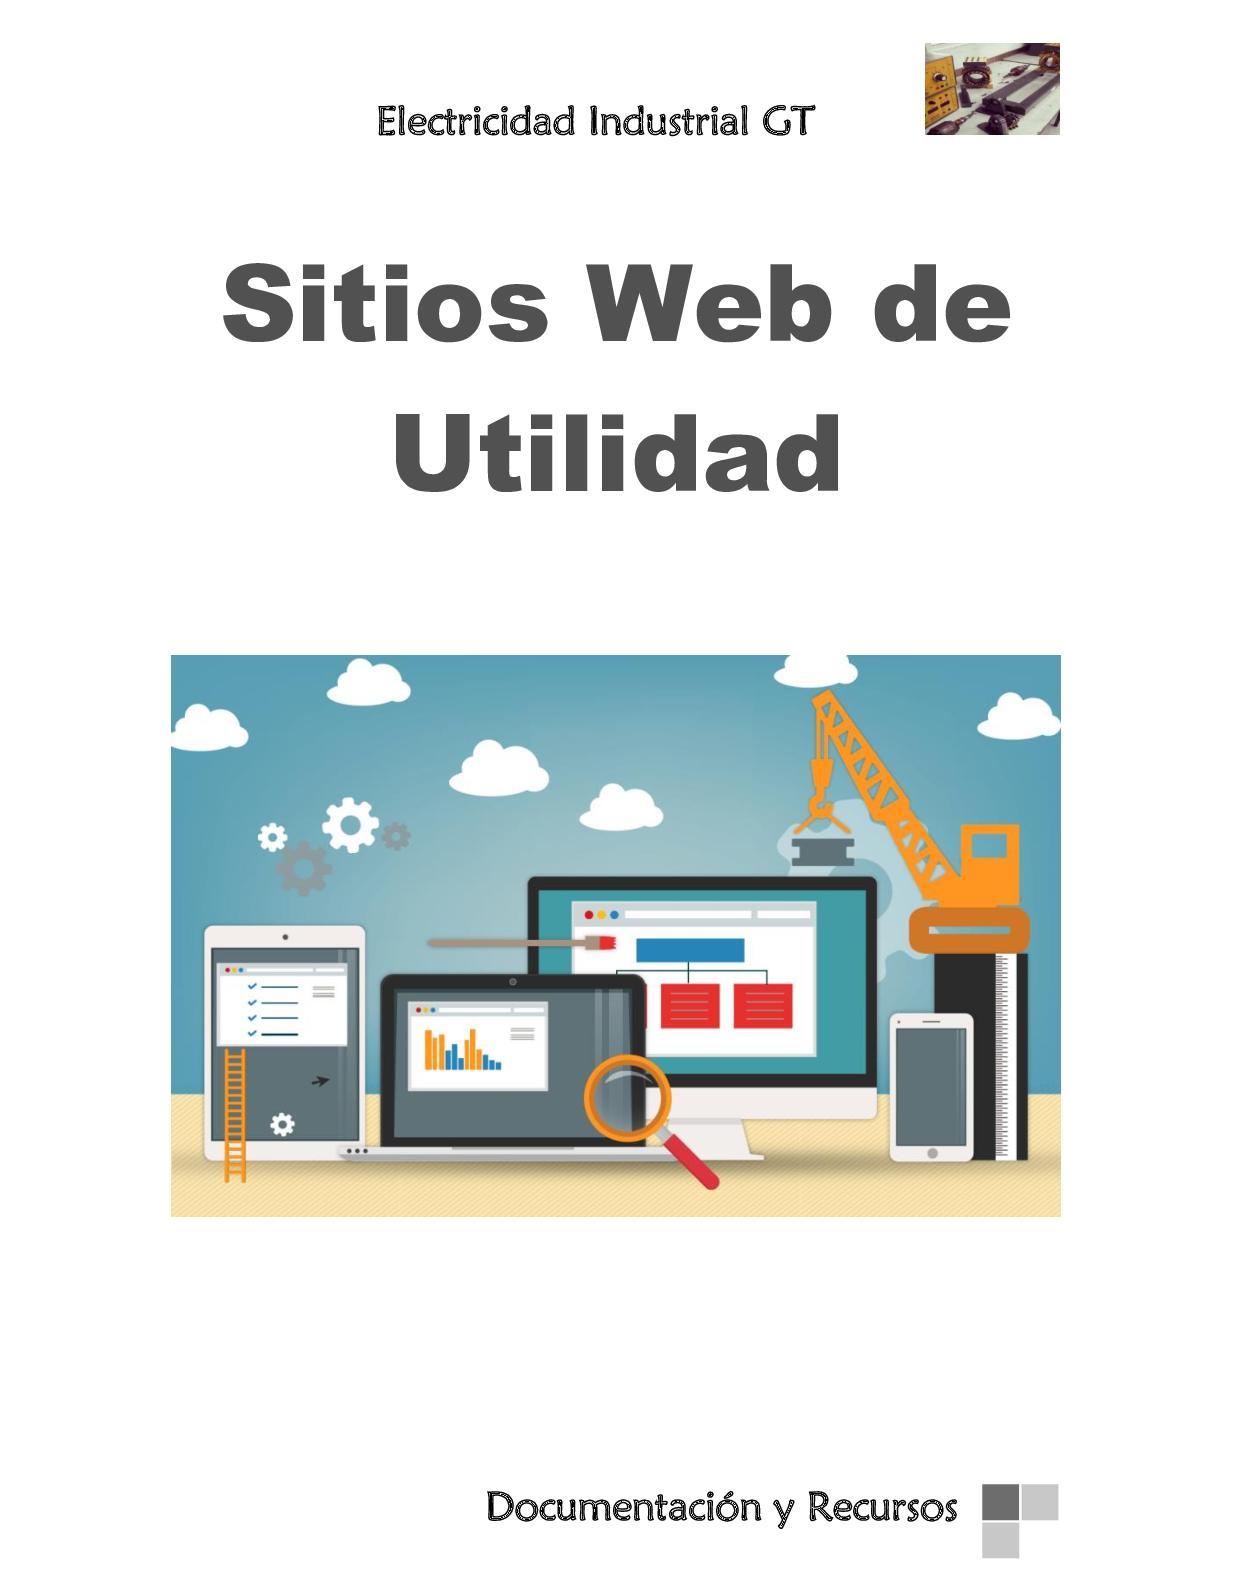 Eléctricidad Industrial GT- Sitios Web de Utilidad